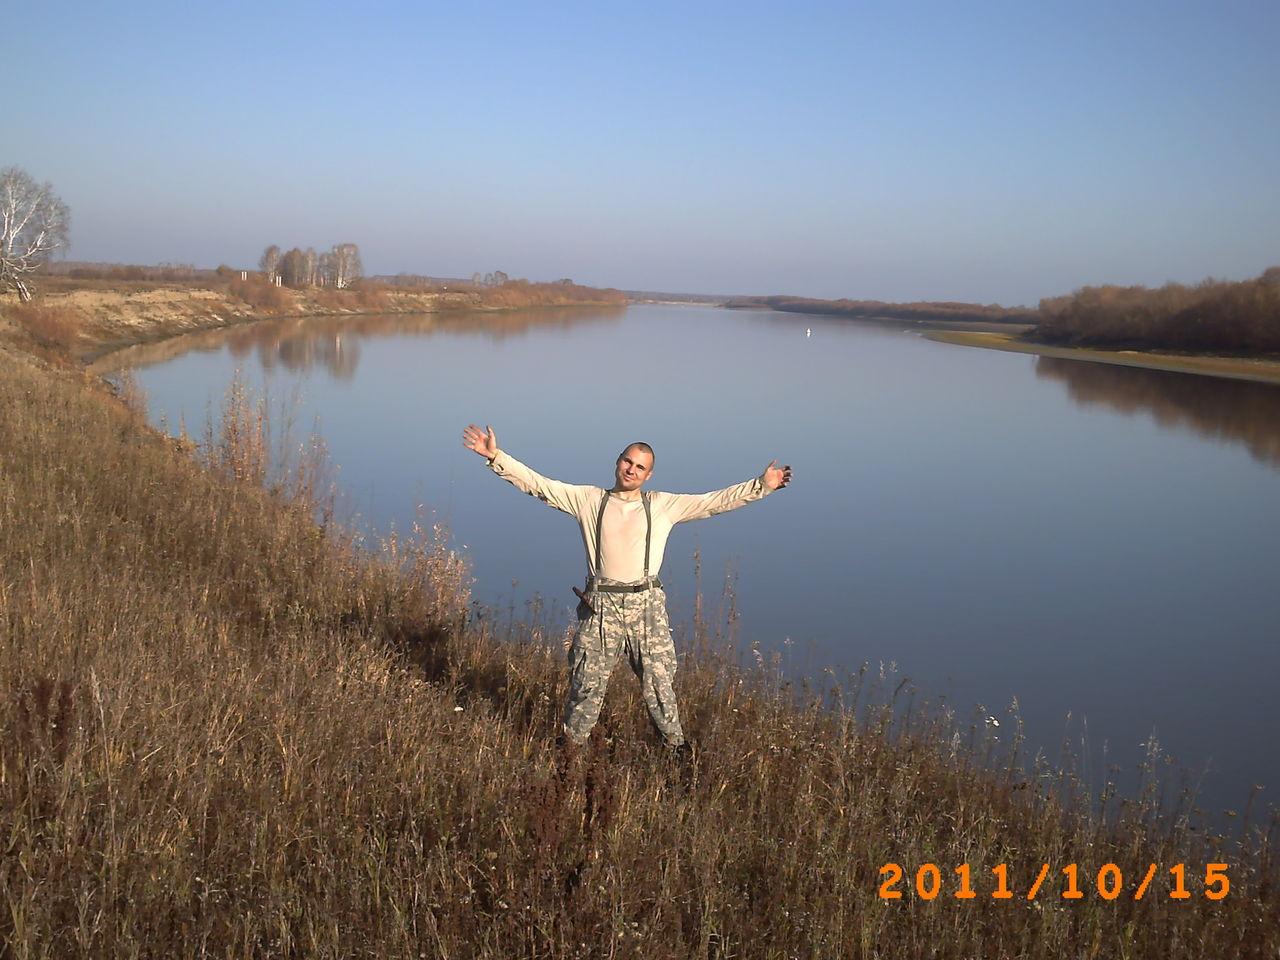 рыбалка в знаменском районе омской области видео